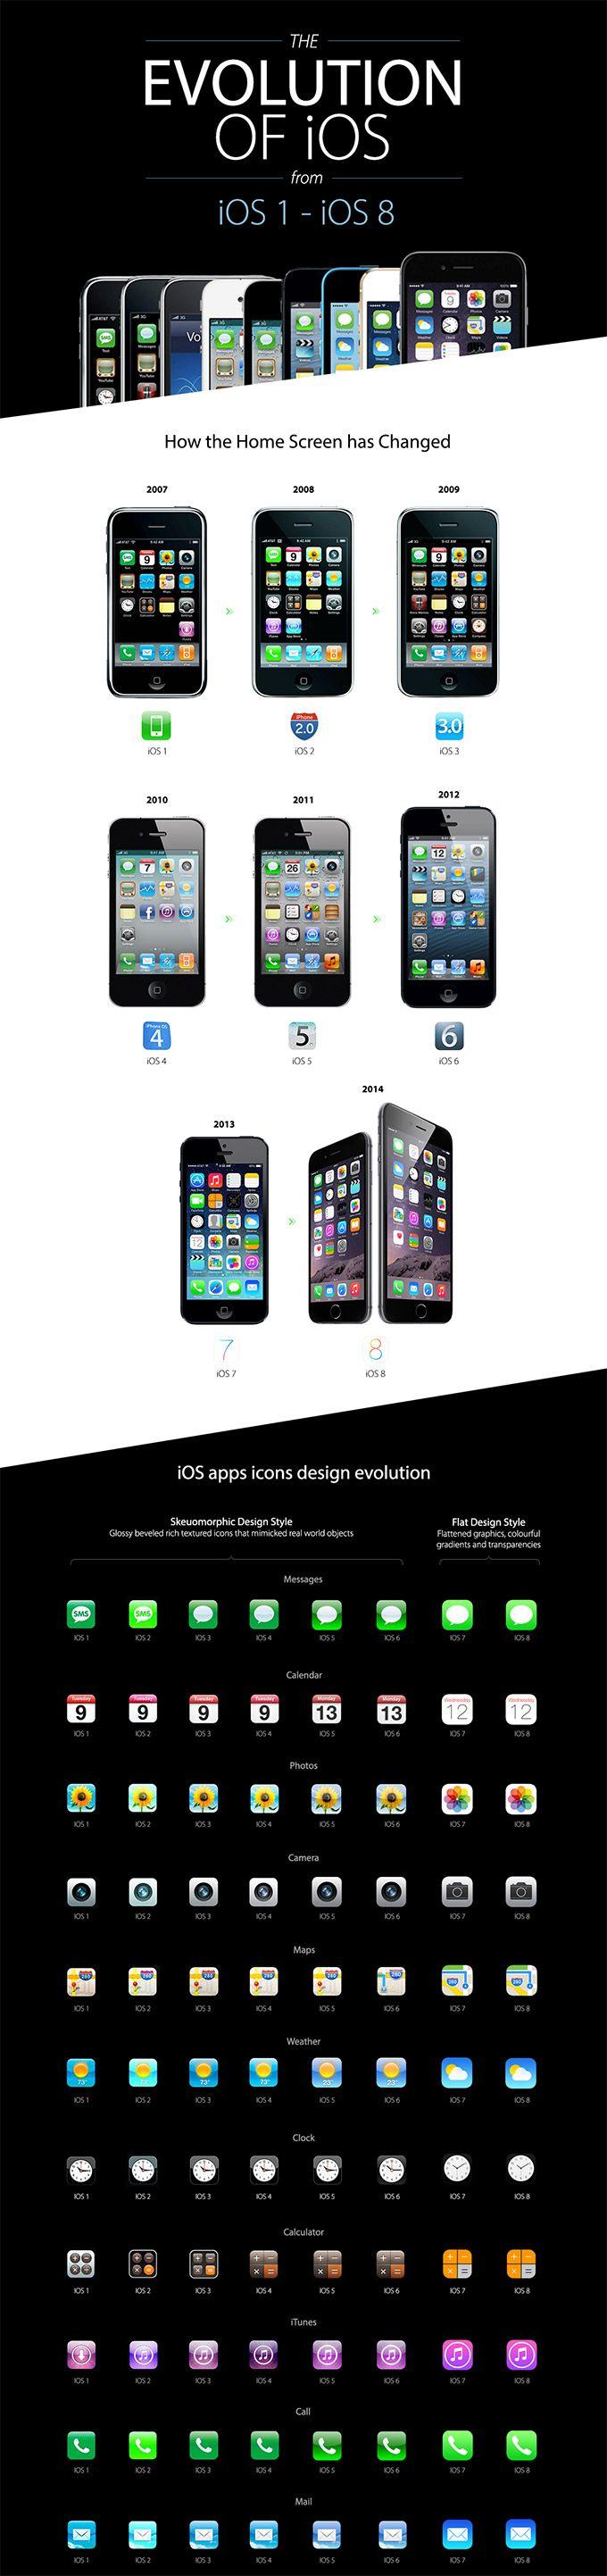 RetroFutur - Paris - Canal St Martin - Evolution - Iphone - Apple